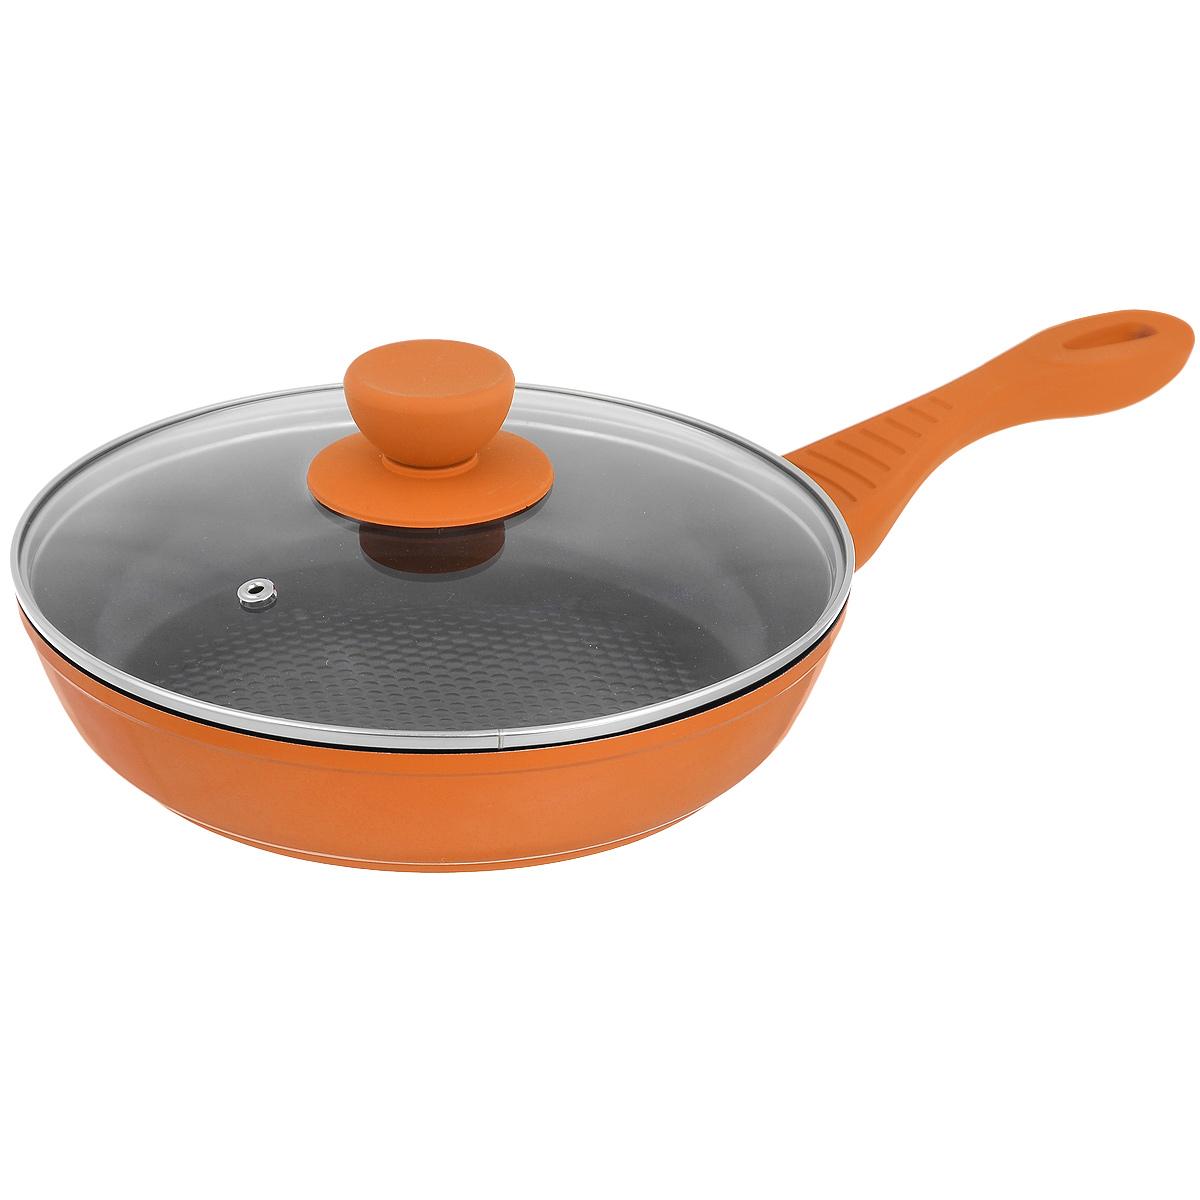 Сковорода Bohmann с крышкой, с керамическим 3D покрытием, цвет: оранжевый. Диаметр 22 см. 7022BH/3D сковороды bohmann сковорода с керамическим покрытием и силиконовой ручкой